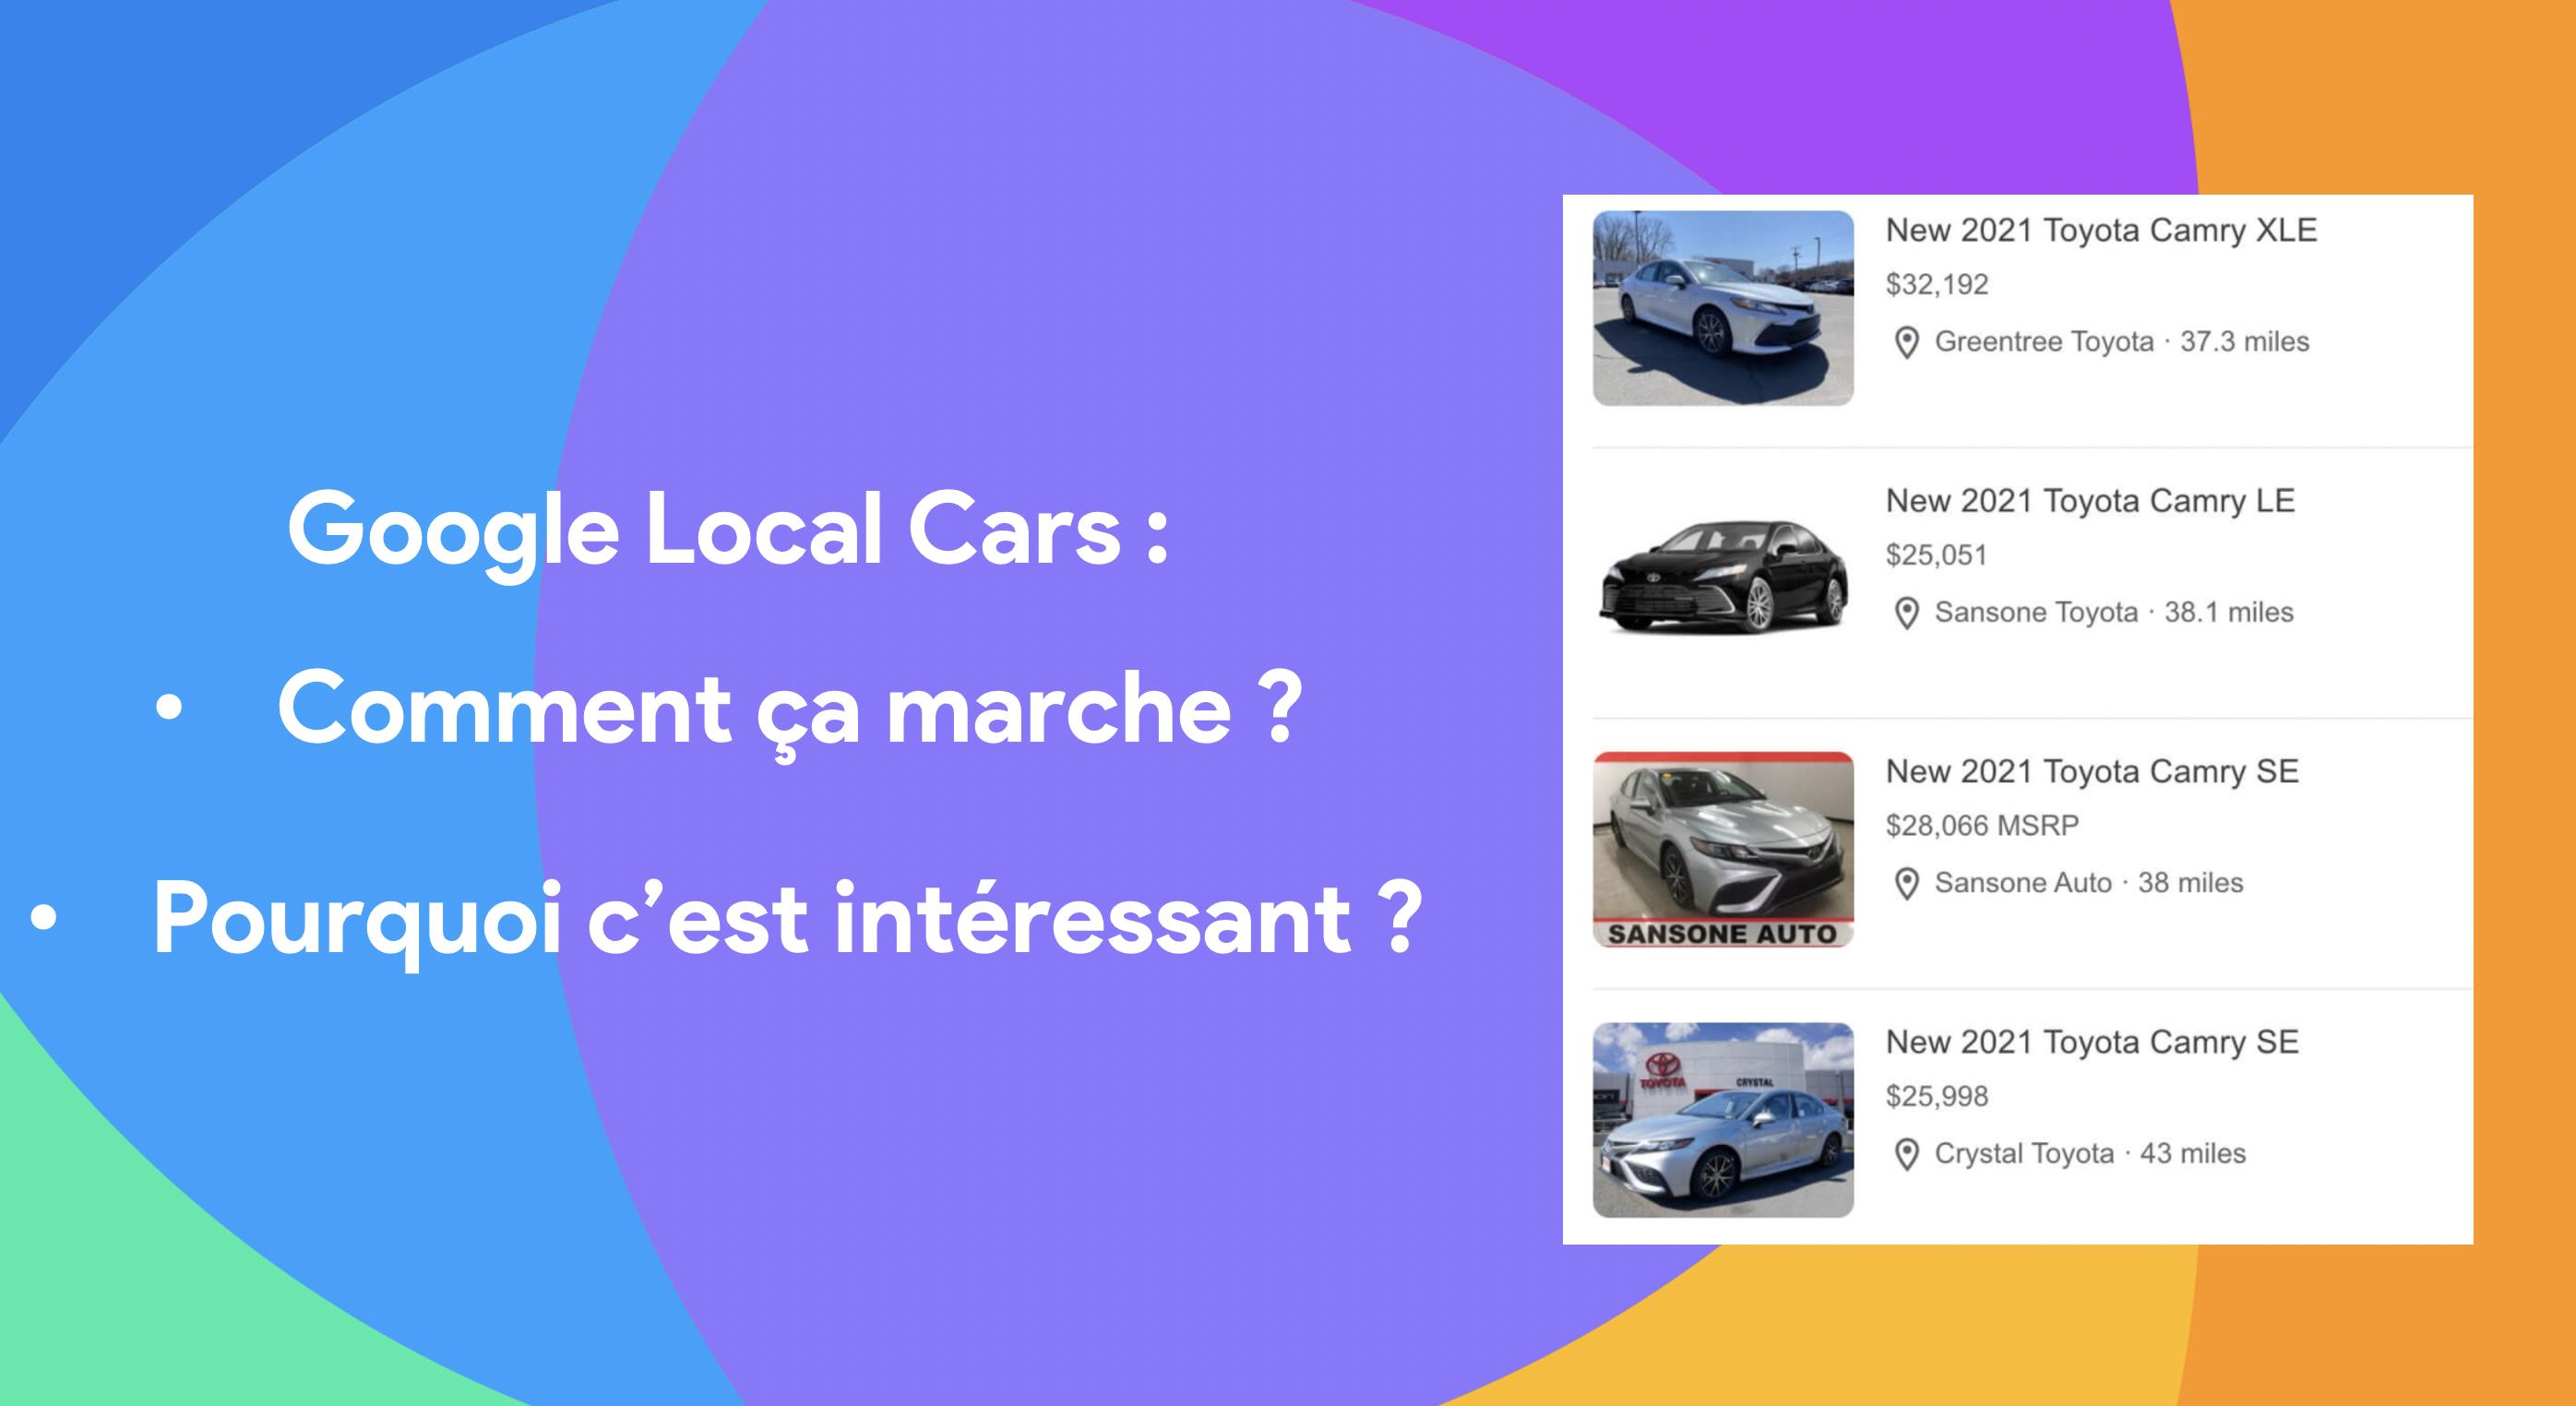 Listes de véhicules en vente dans les pages de résultats de Google